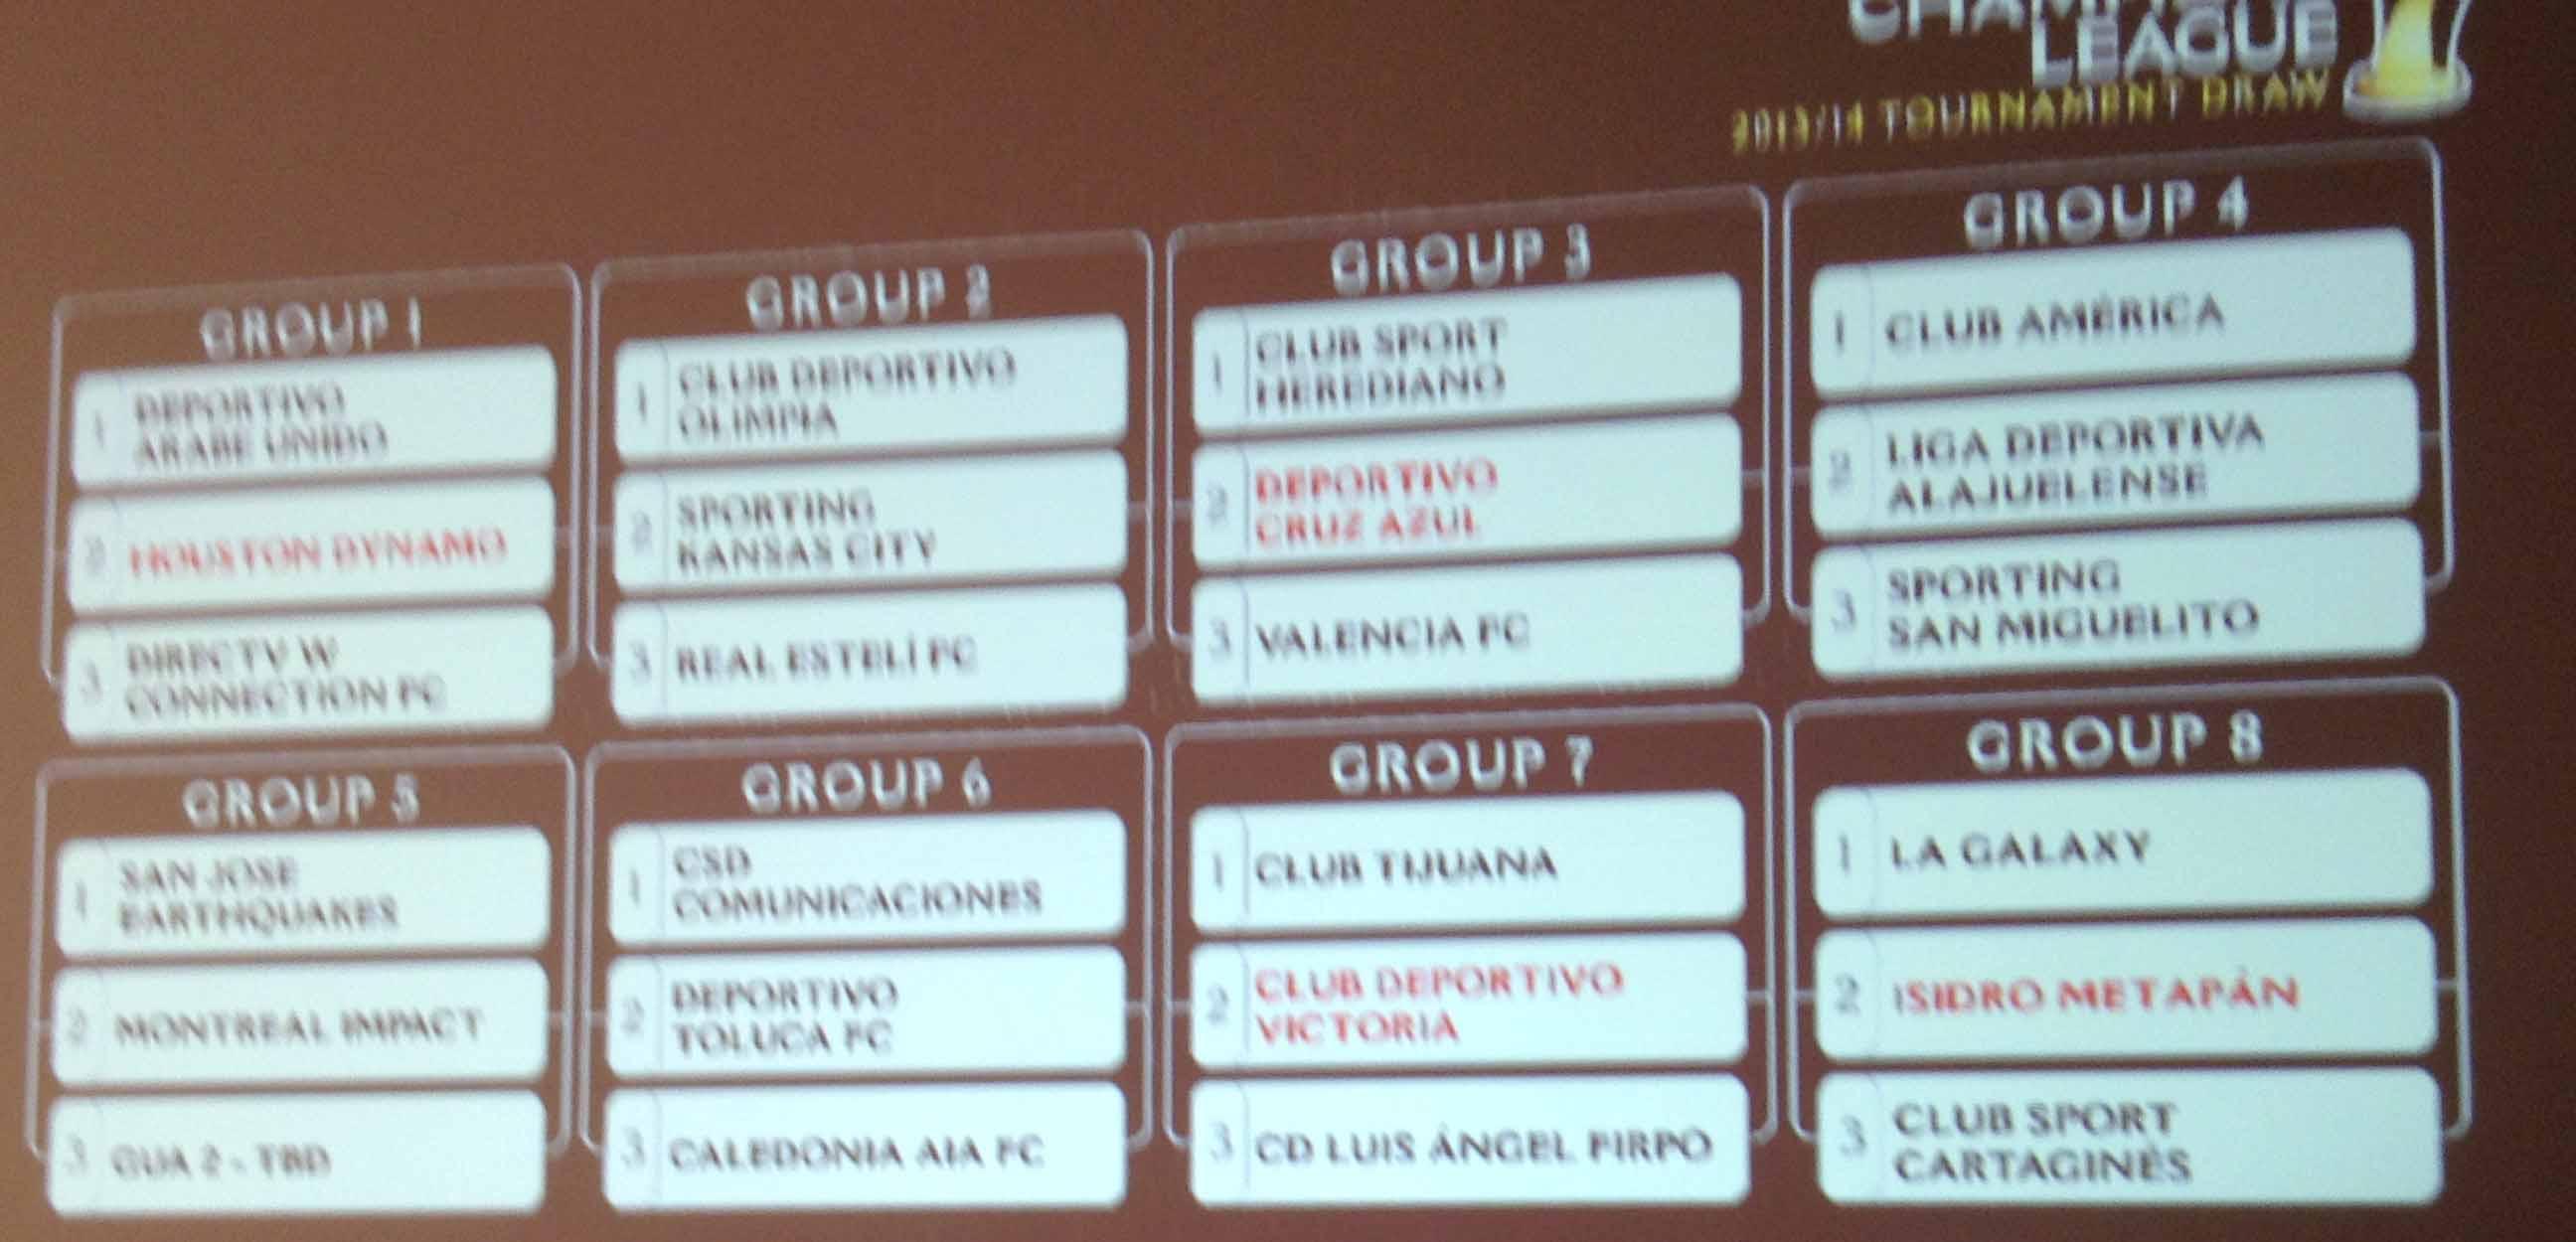 Campeones Concacaf 2014